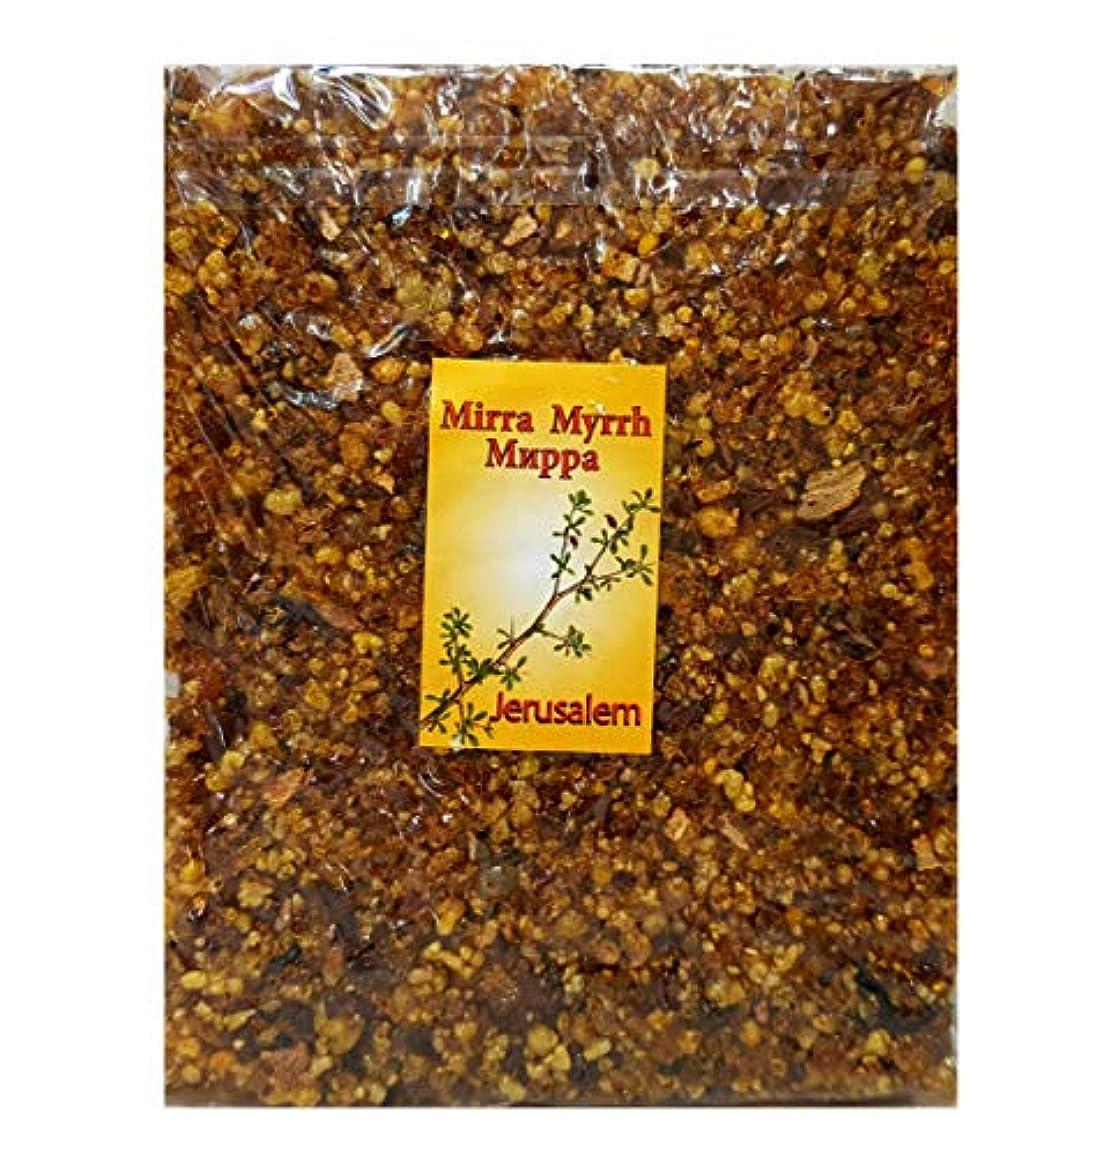 敬の念散髪吐くエルサレムFrankincense Myrrh Incense aromatic樹脂of the Holy Land 3.5 Oz/100 g